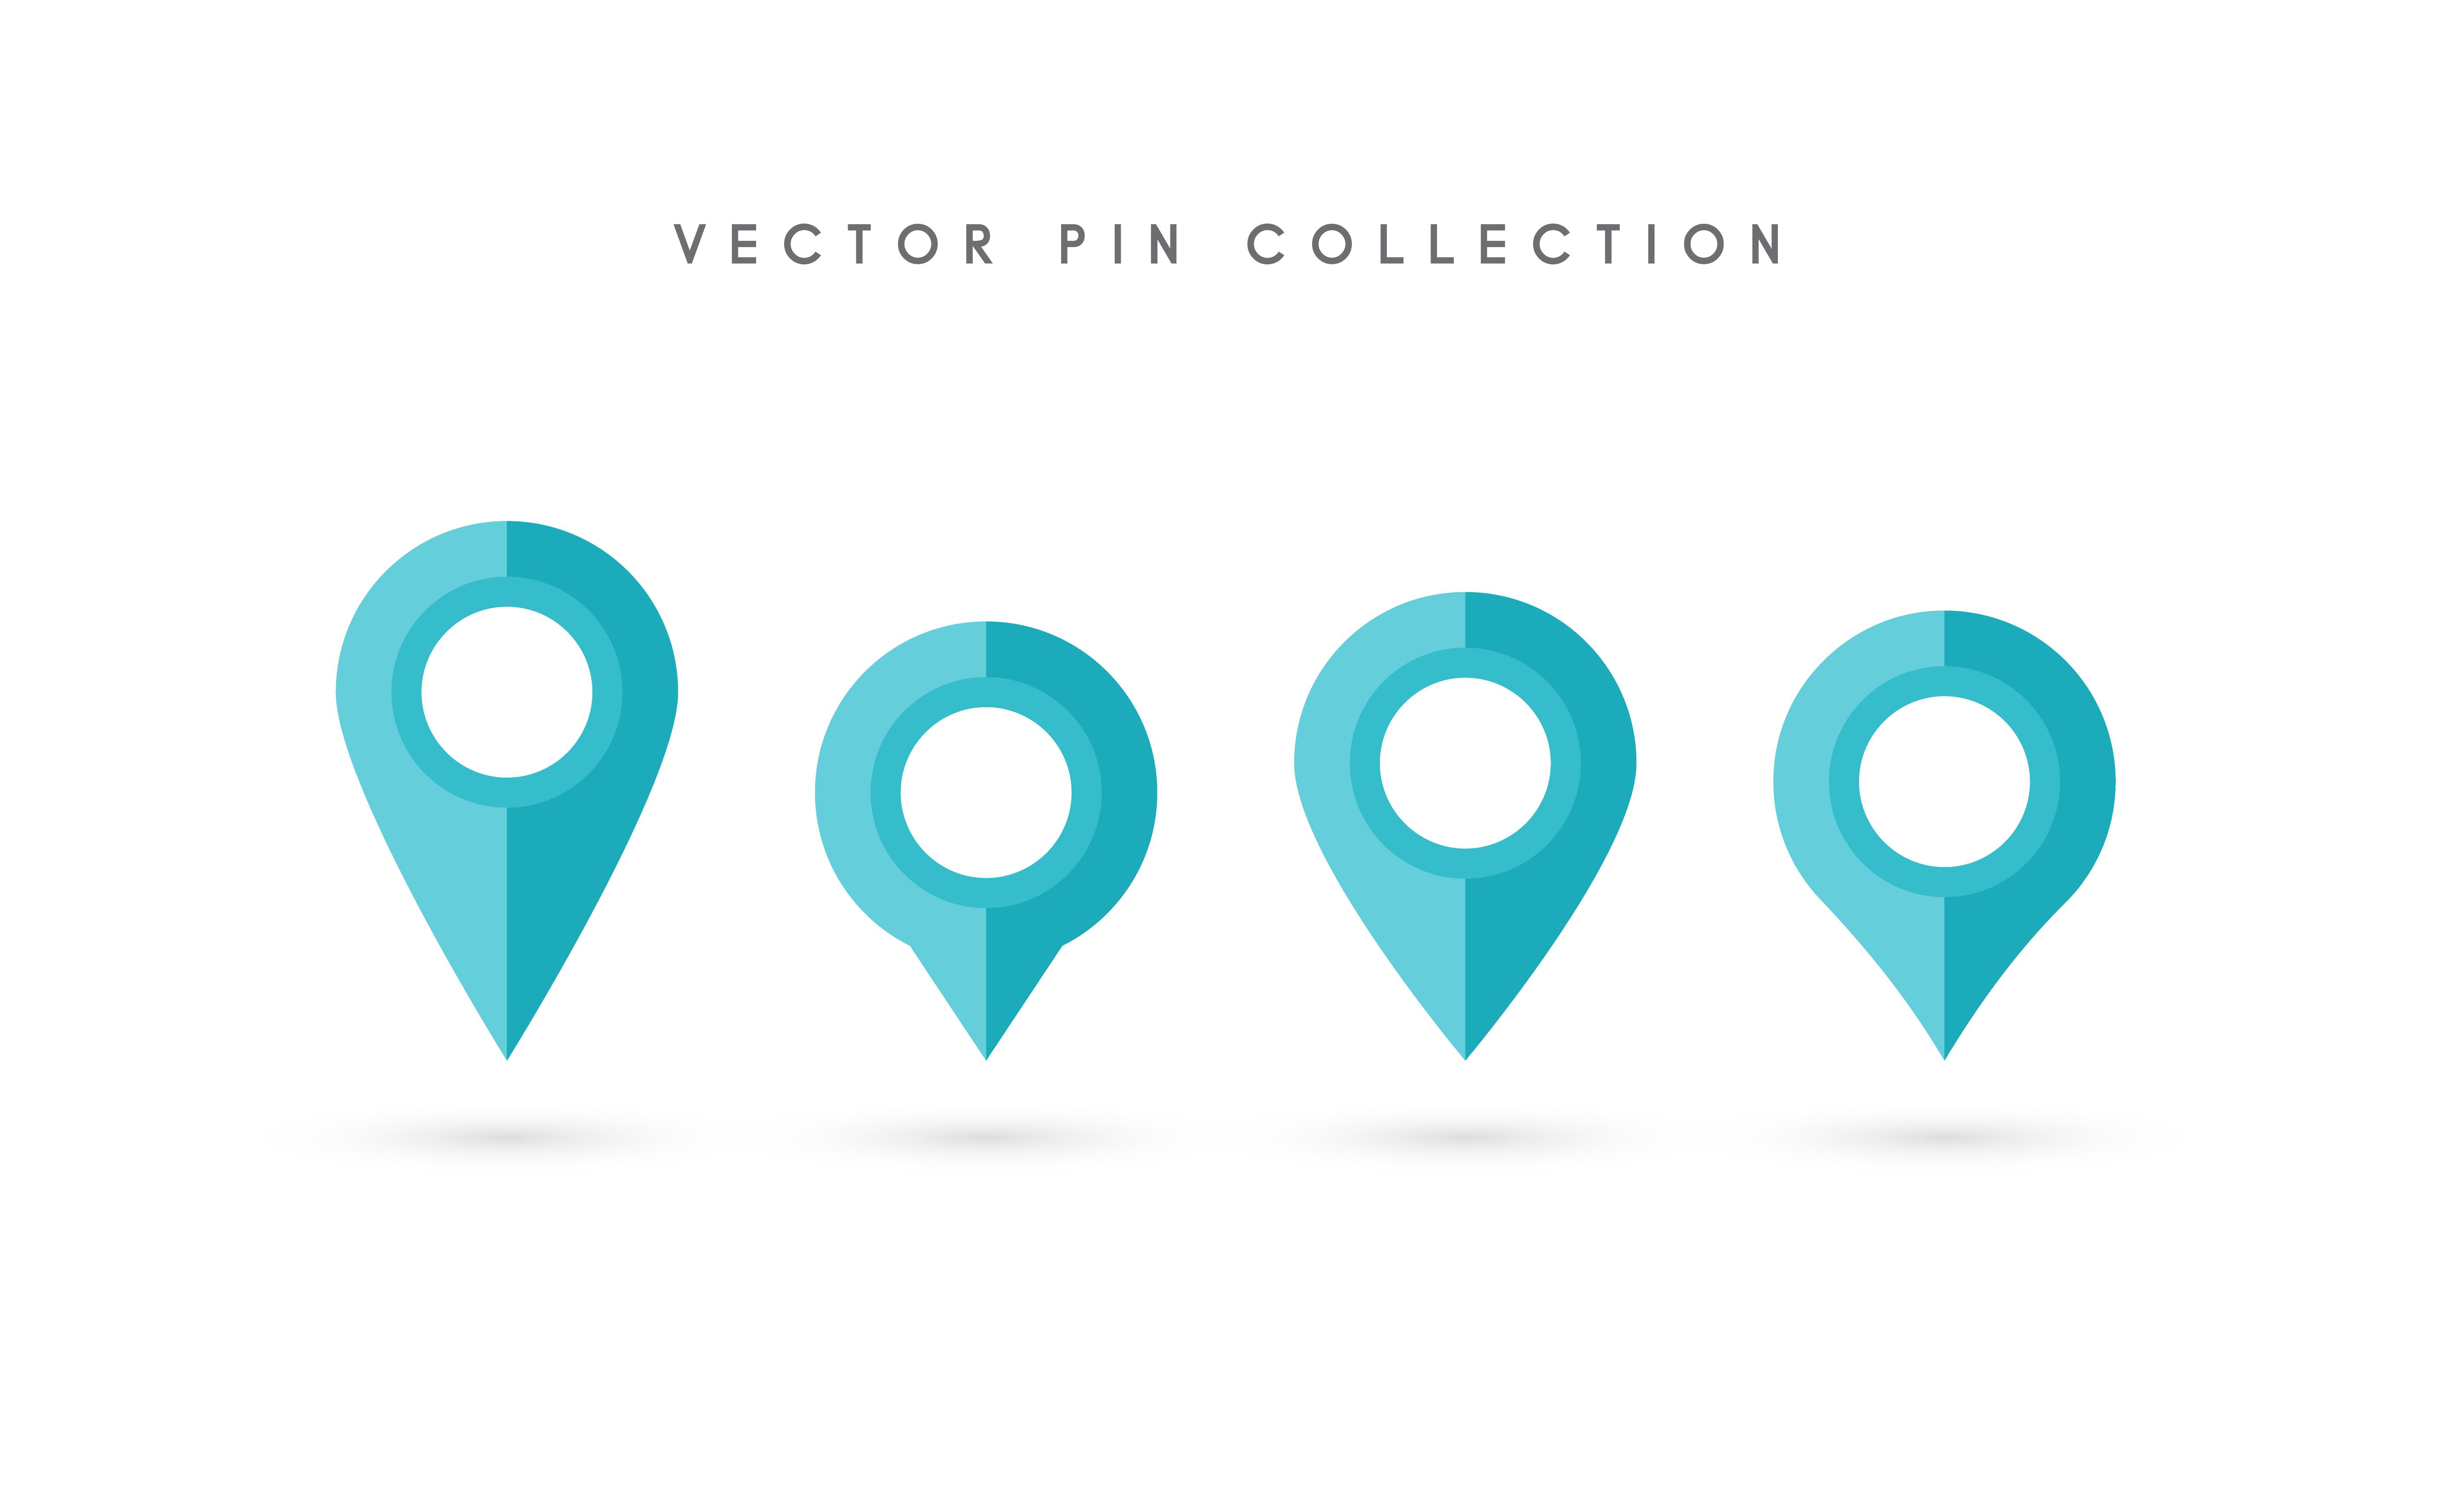 Pasador Ubicación Mapa Gráficos Vectoriales Gratis En: Pin De Ubicación. Diseño Plano Del Vector Del Icono Del